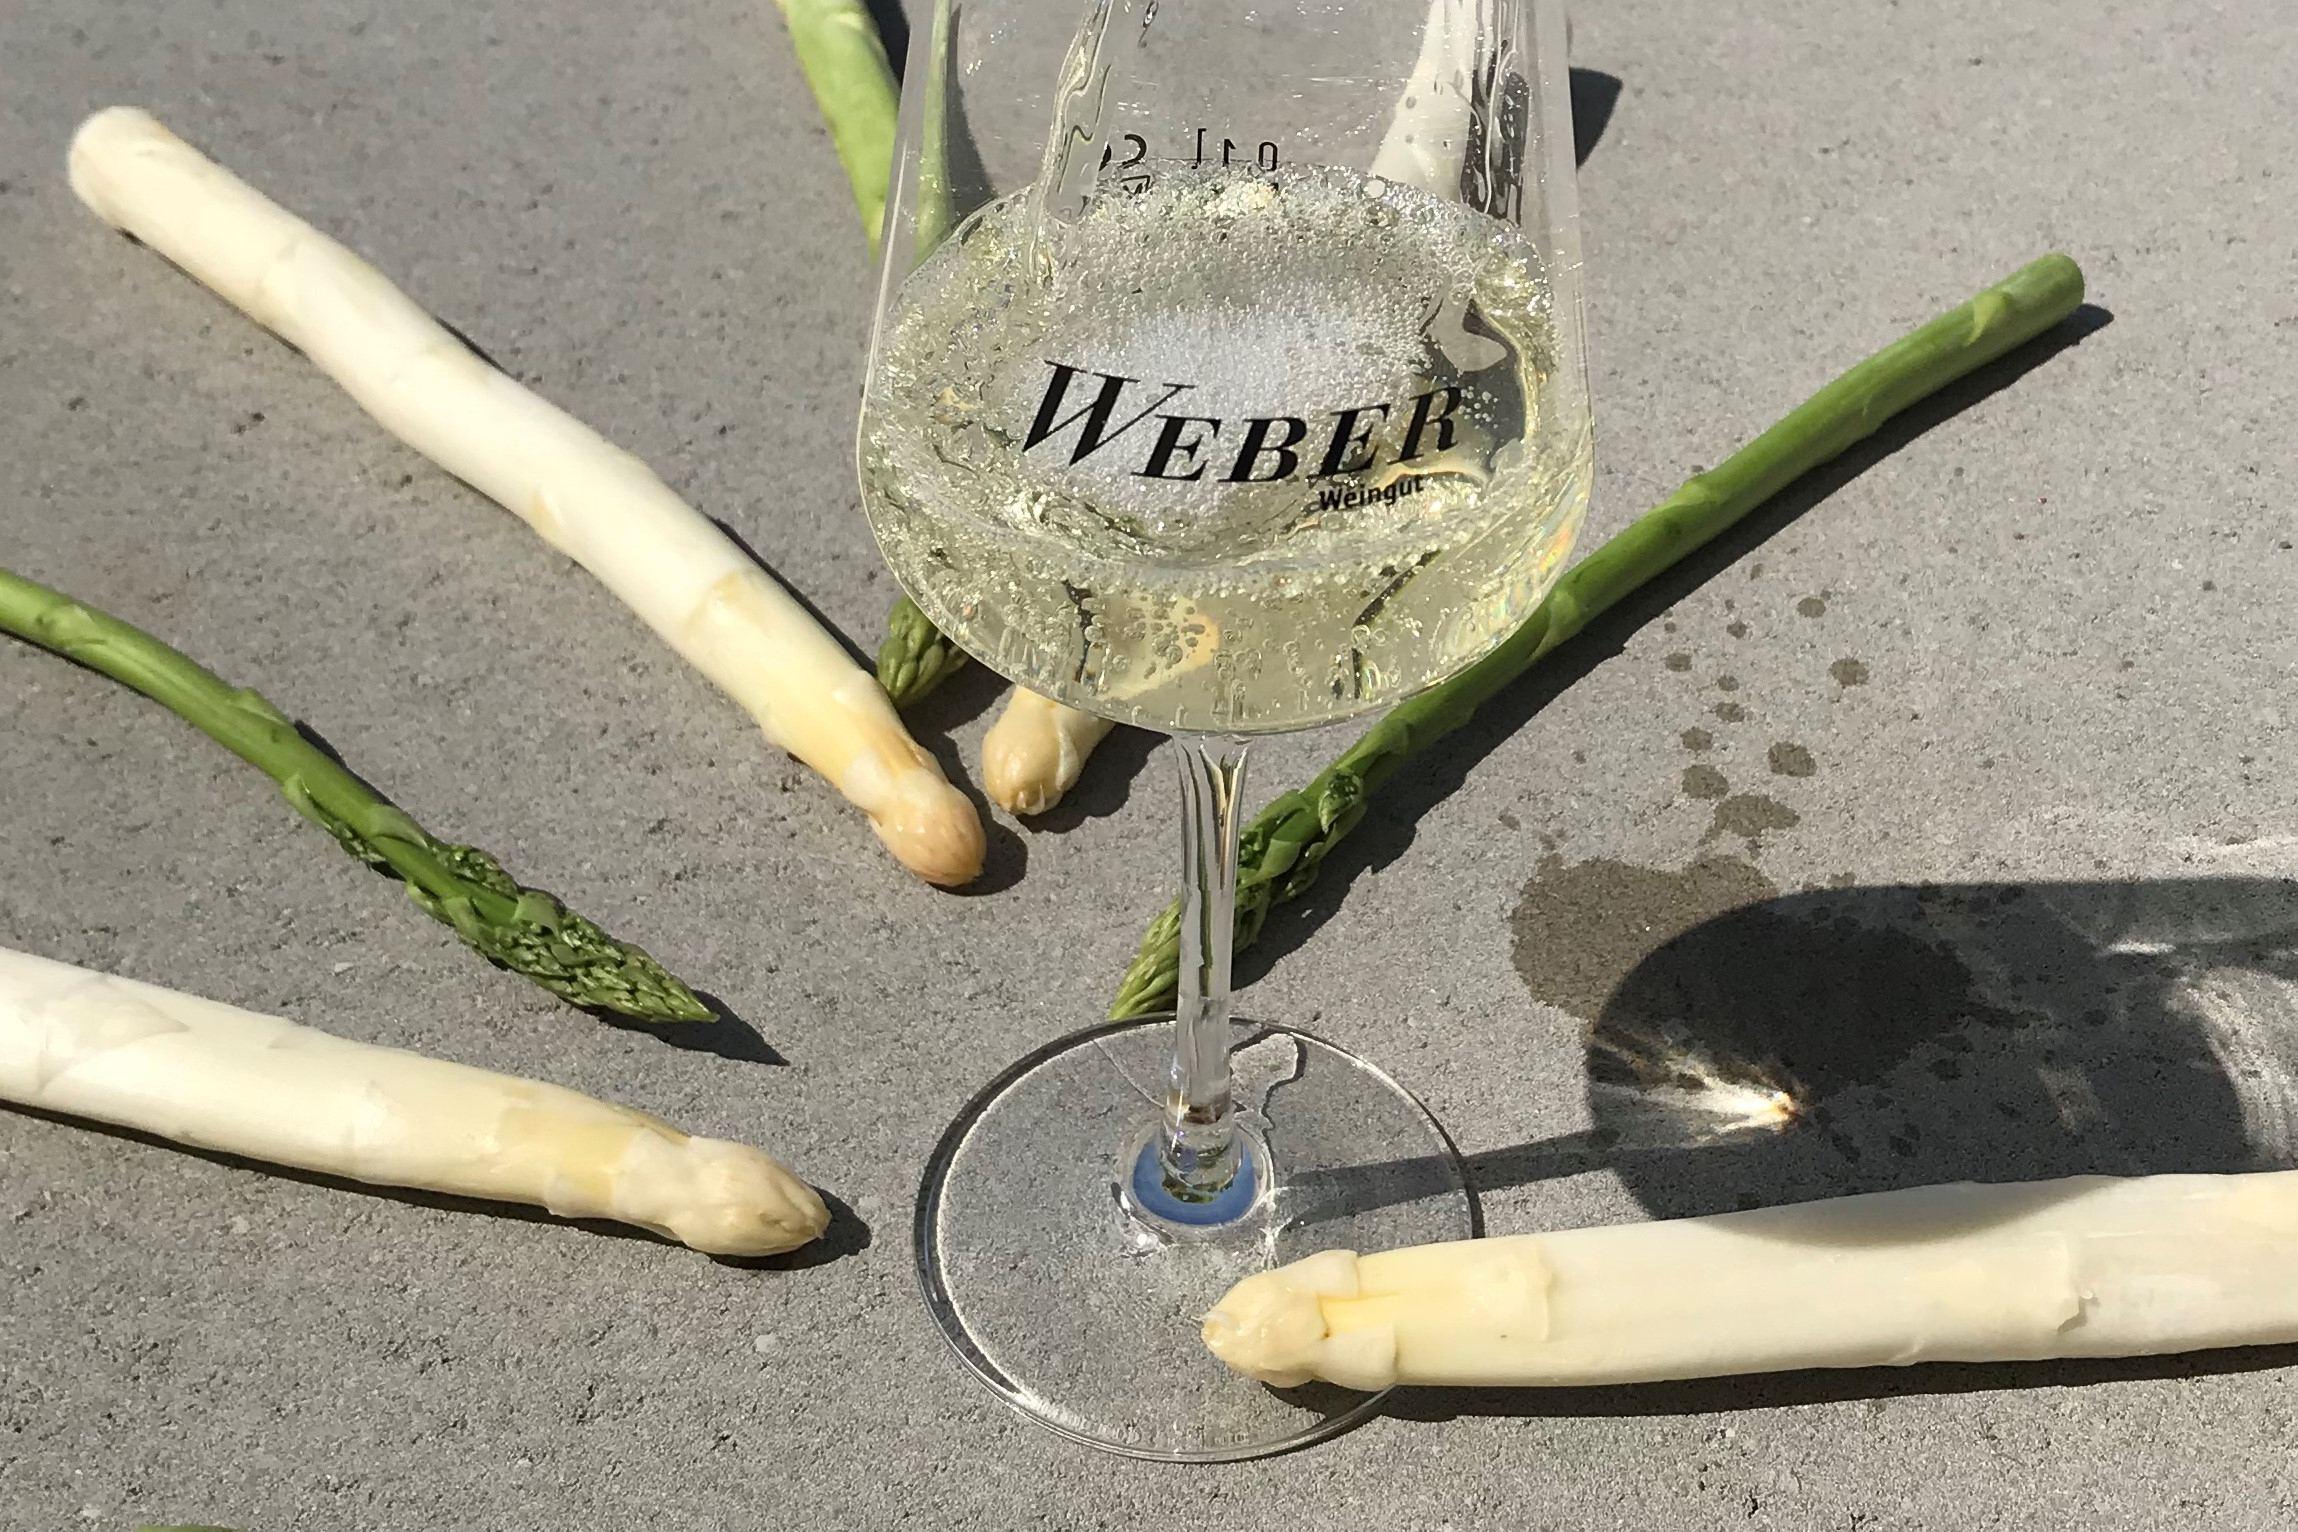 Anspargeln im Vineyard Weinlager mit dem Weingut Weber. Foto: Weingut Weber